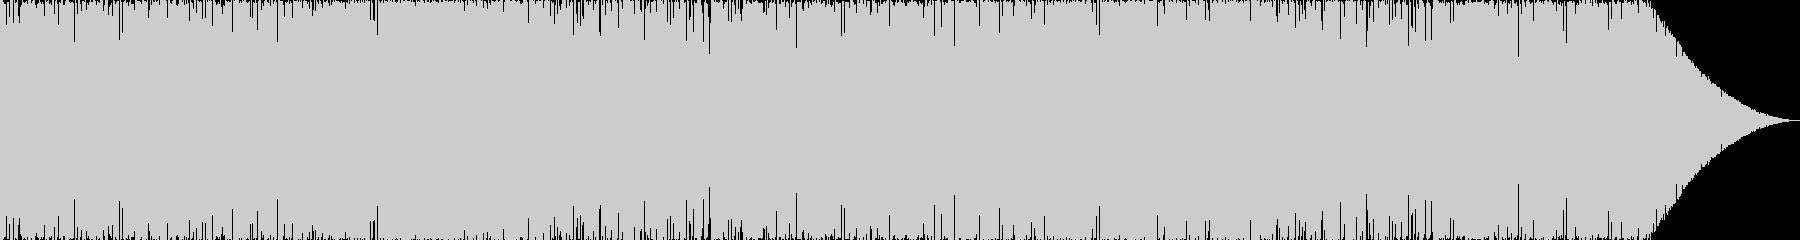 ほのぼの暖かい多目的BGMの未再生の波形